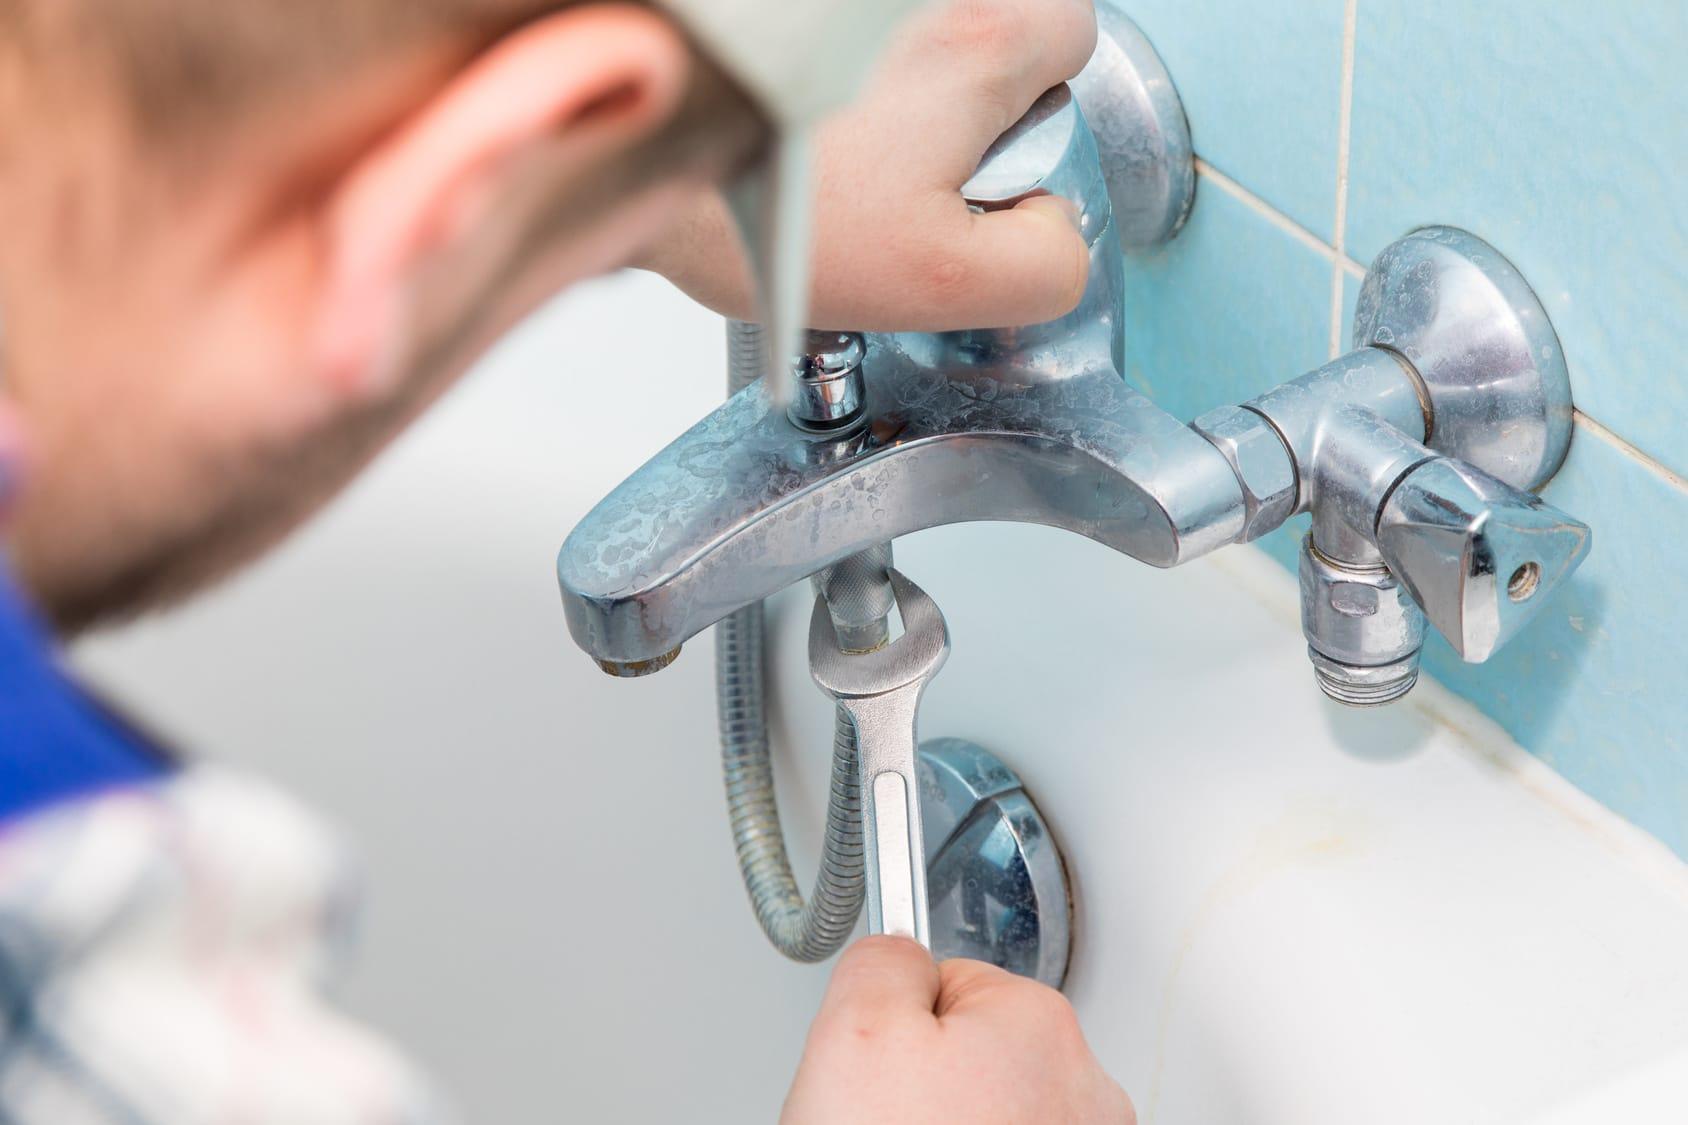 Wasserhahn entkalken: Anleitung und Hausmittel